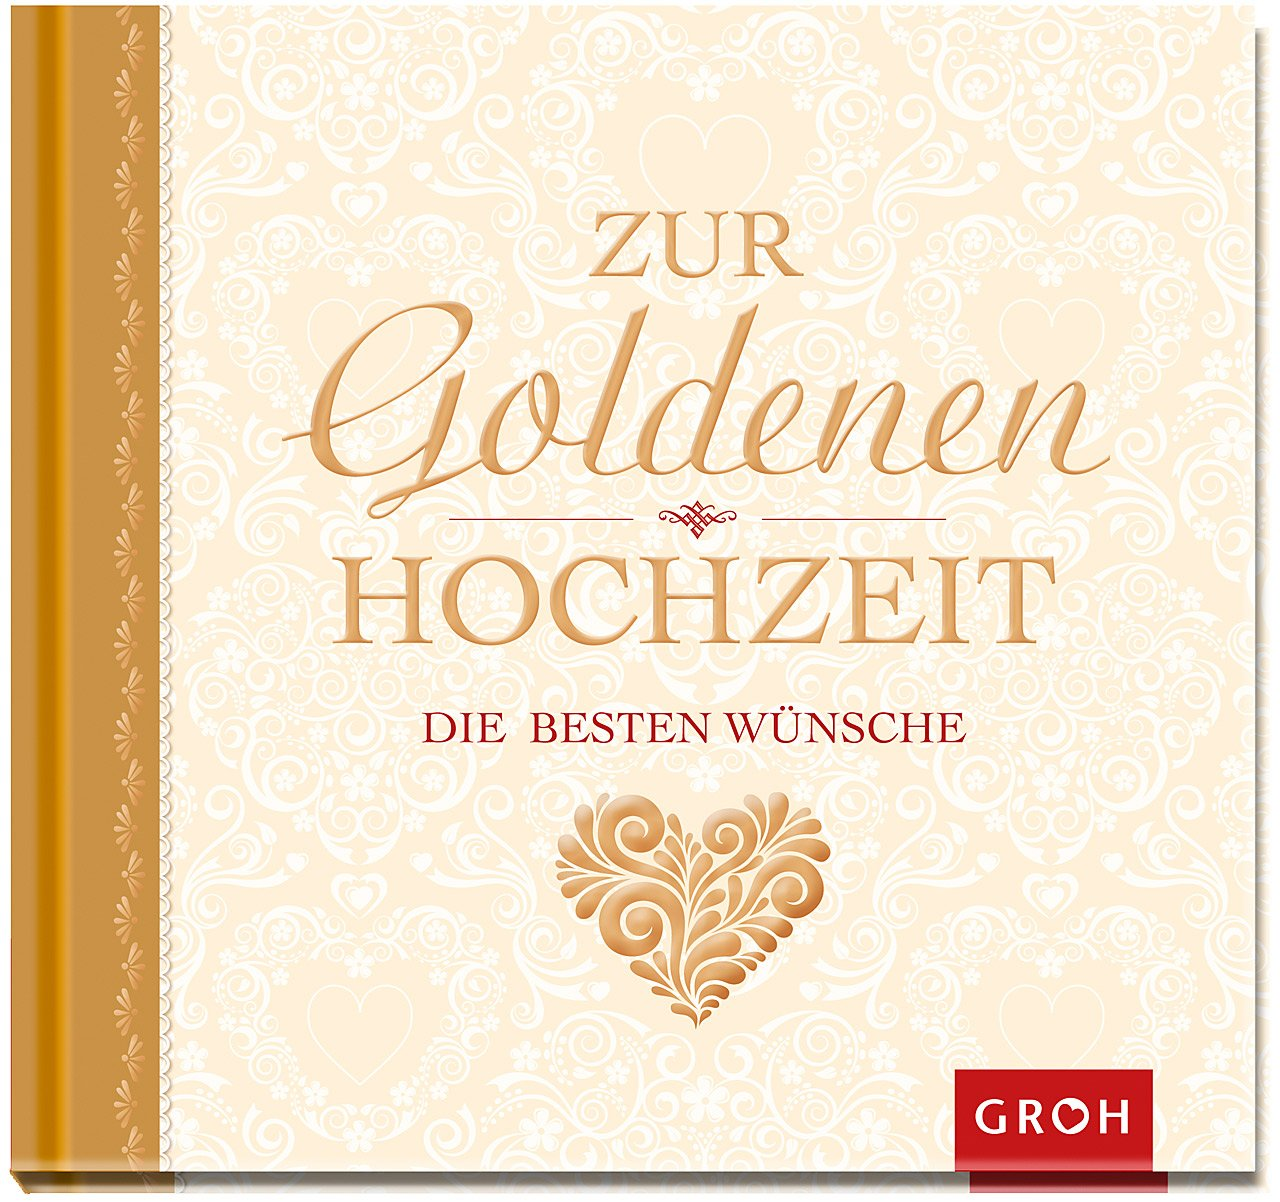 Zur Goldenen Hochzeit Die Besten Wünsche: Amazon.de: Joachim Groh: Bücher